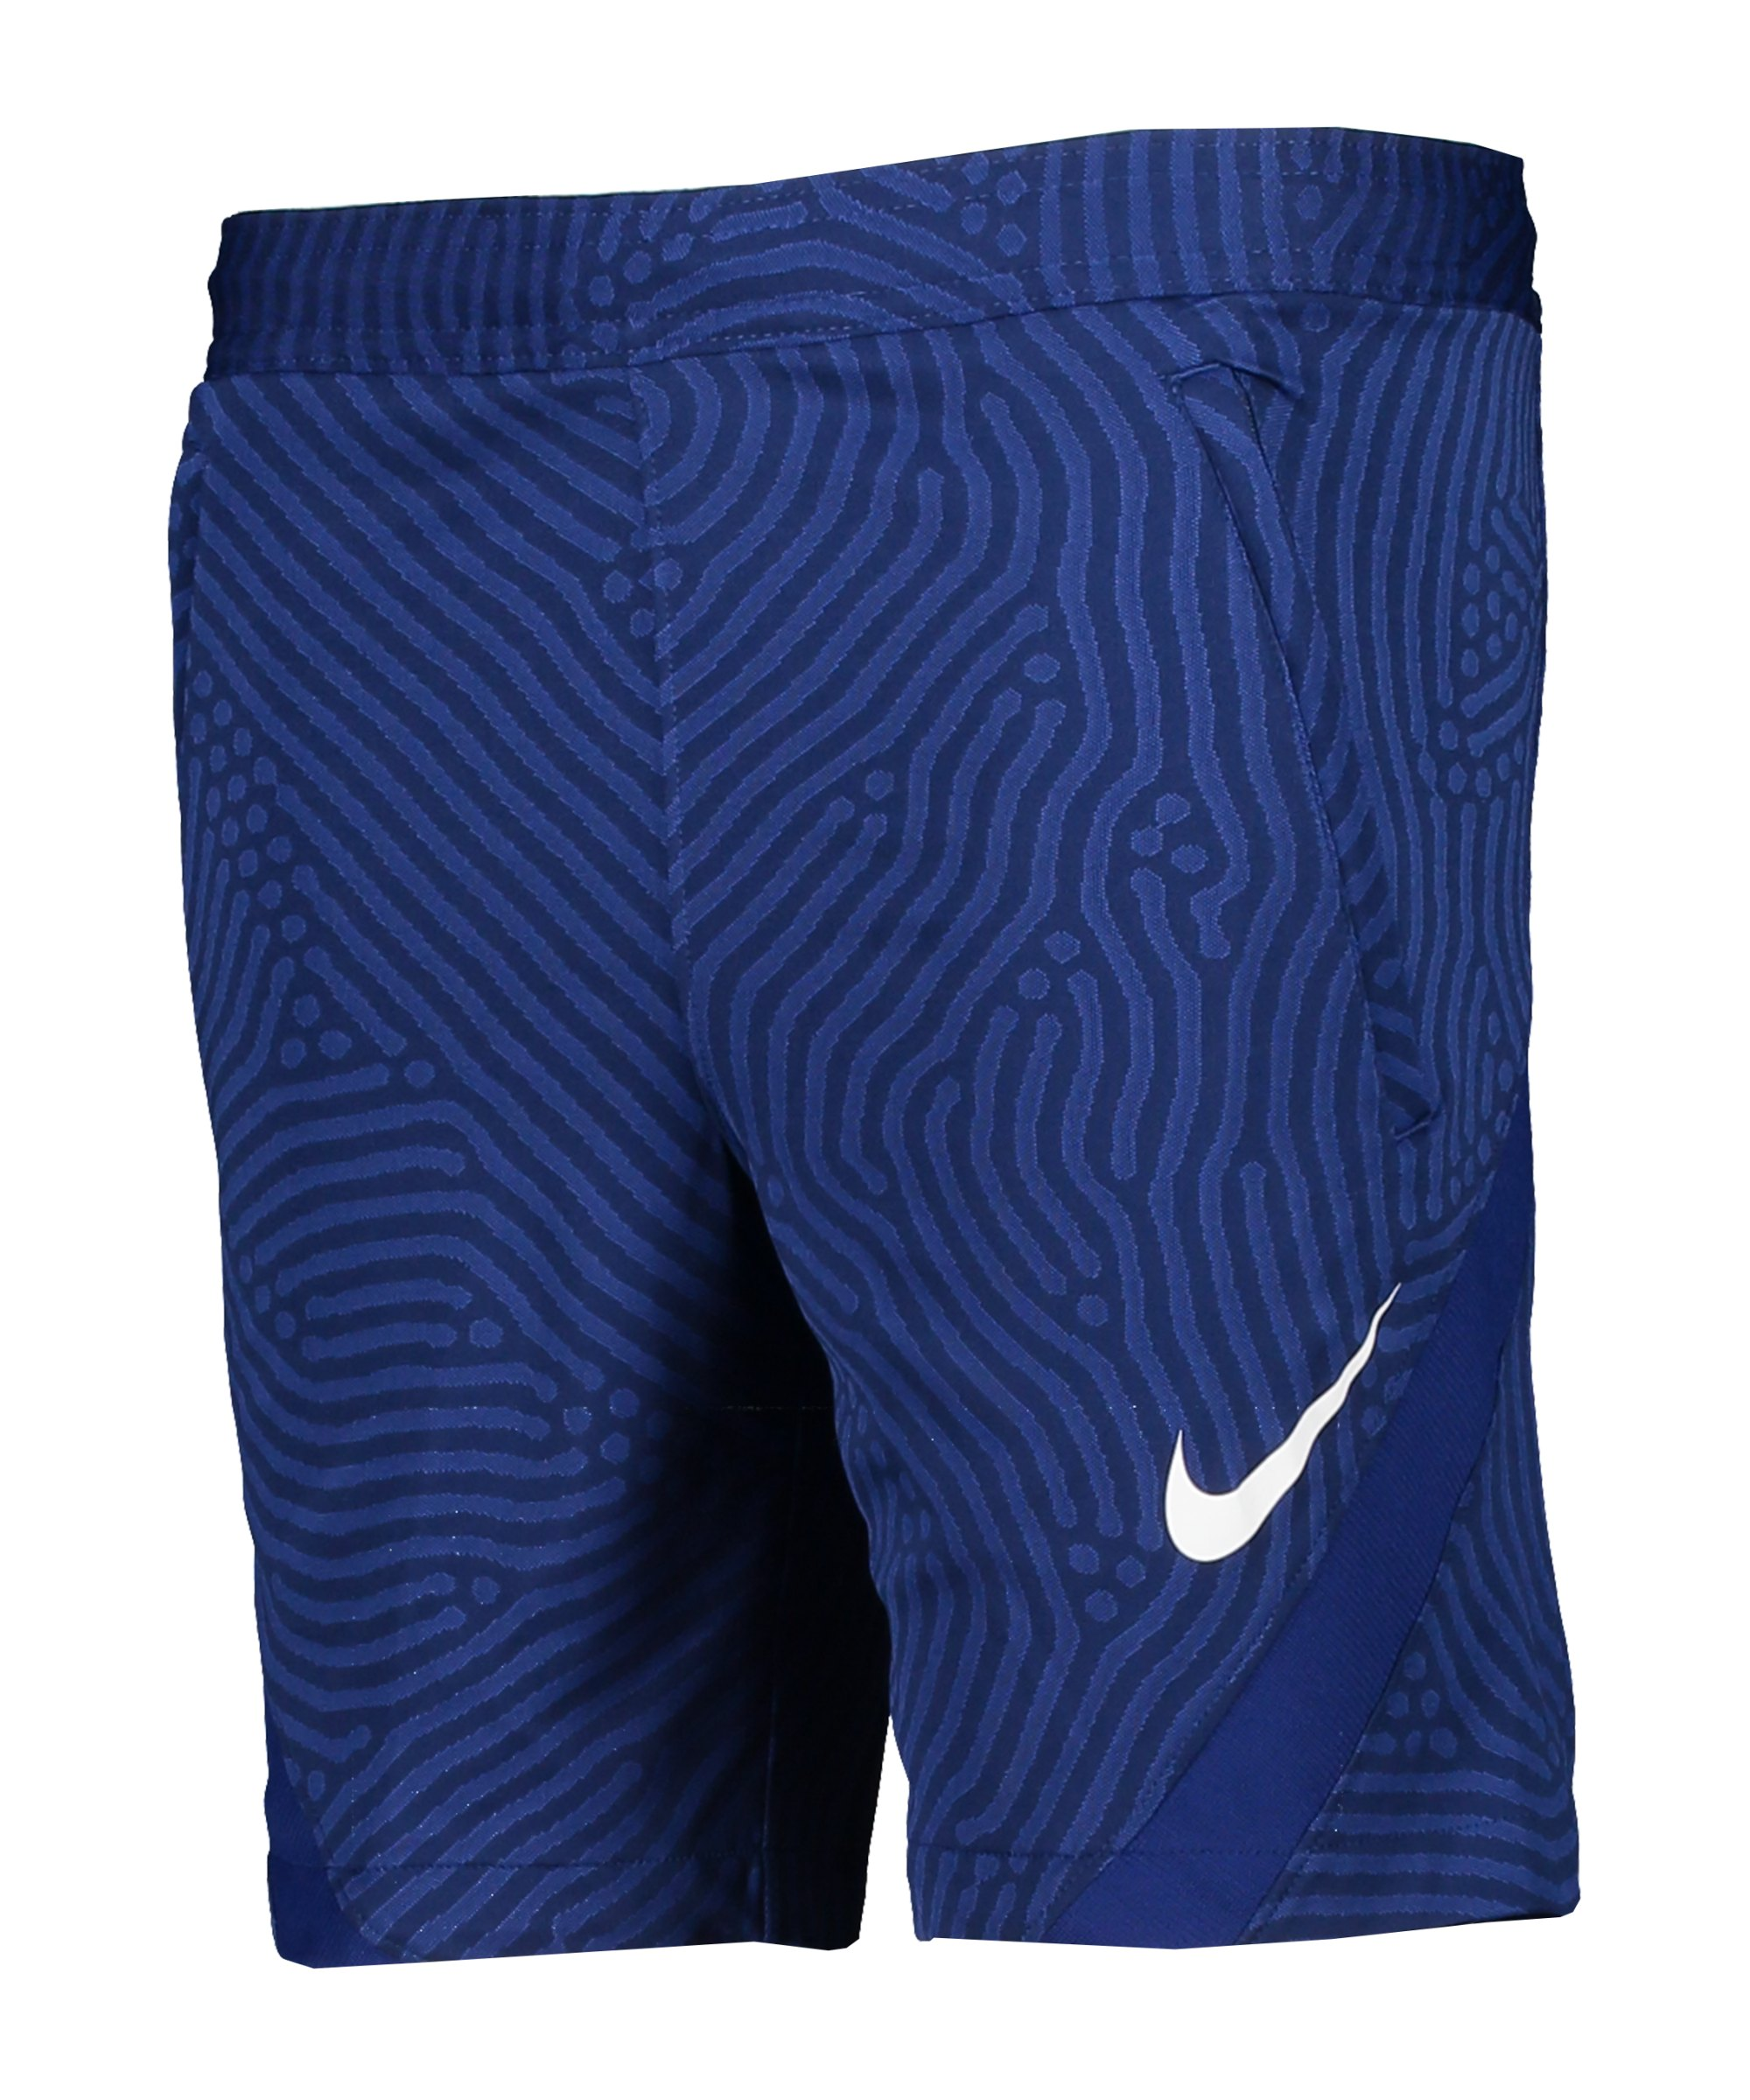 Nike Dry Strike Short Kids Blau F493 - blau